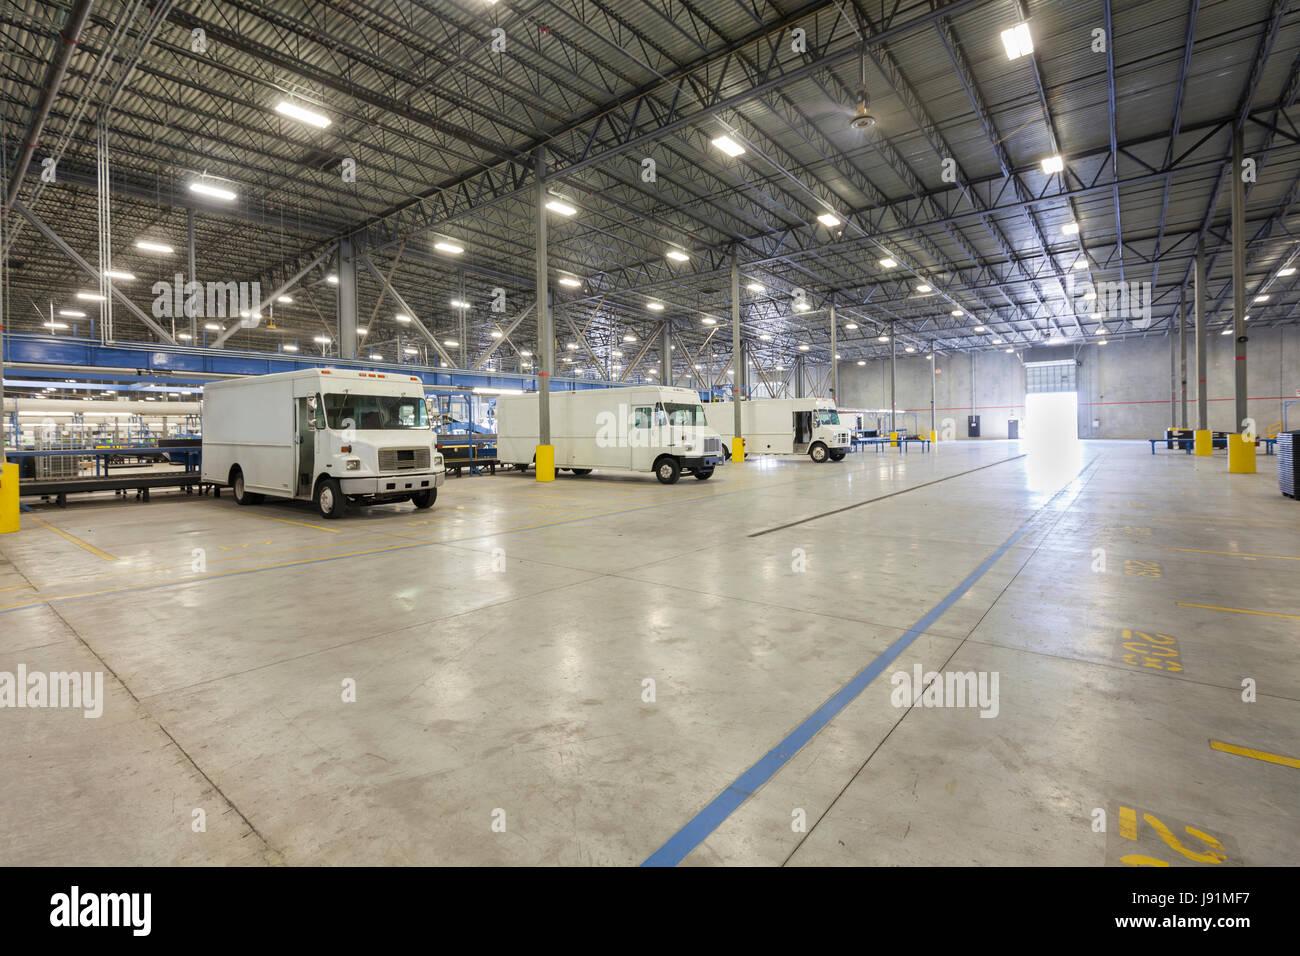 Les camions de livraison à l'intérieur de l'entrepôt de distribution. Photo Stock